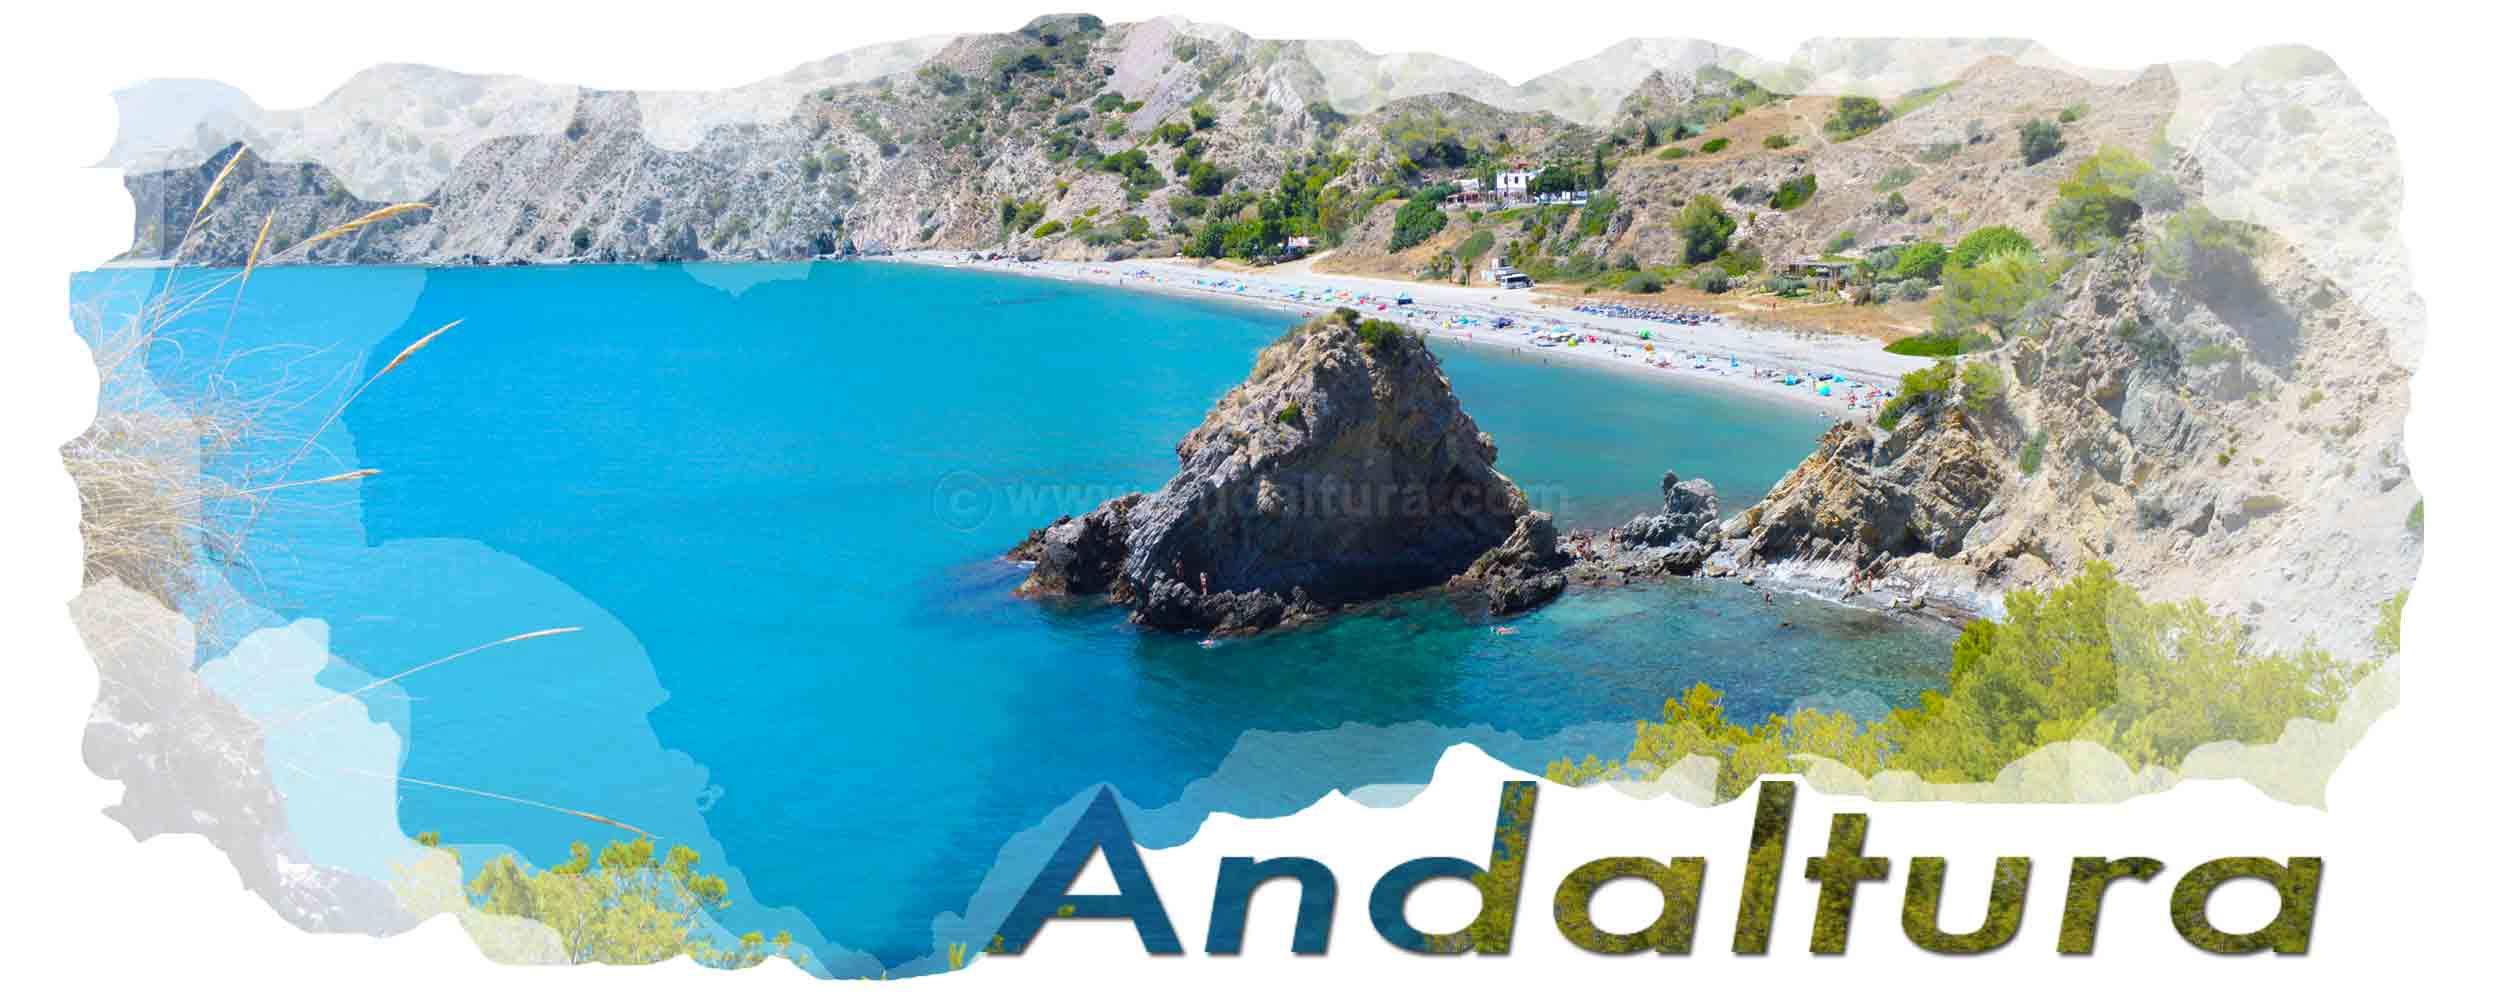 Cabecera Imágenes Interactivas de Andaltura. Playa del Cañuelo